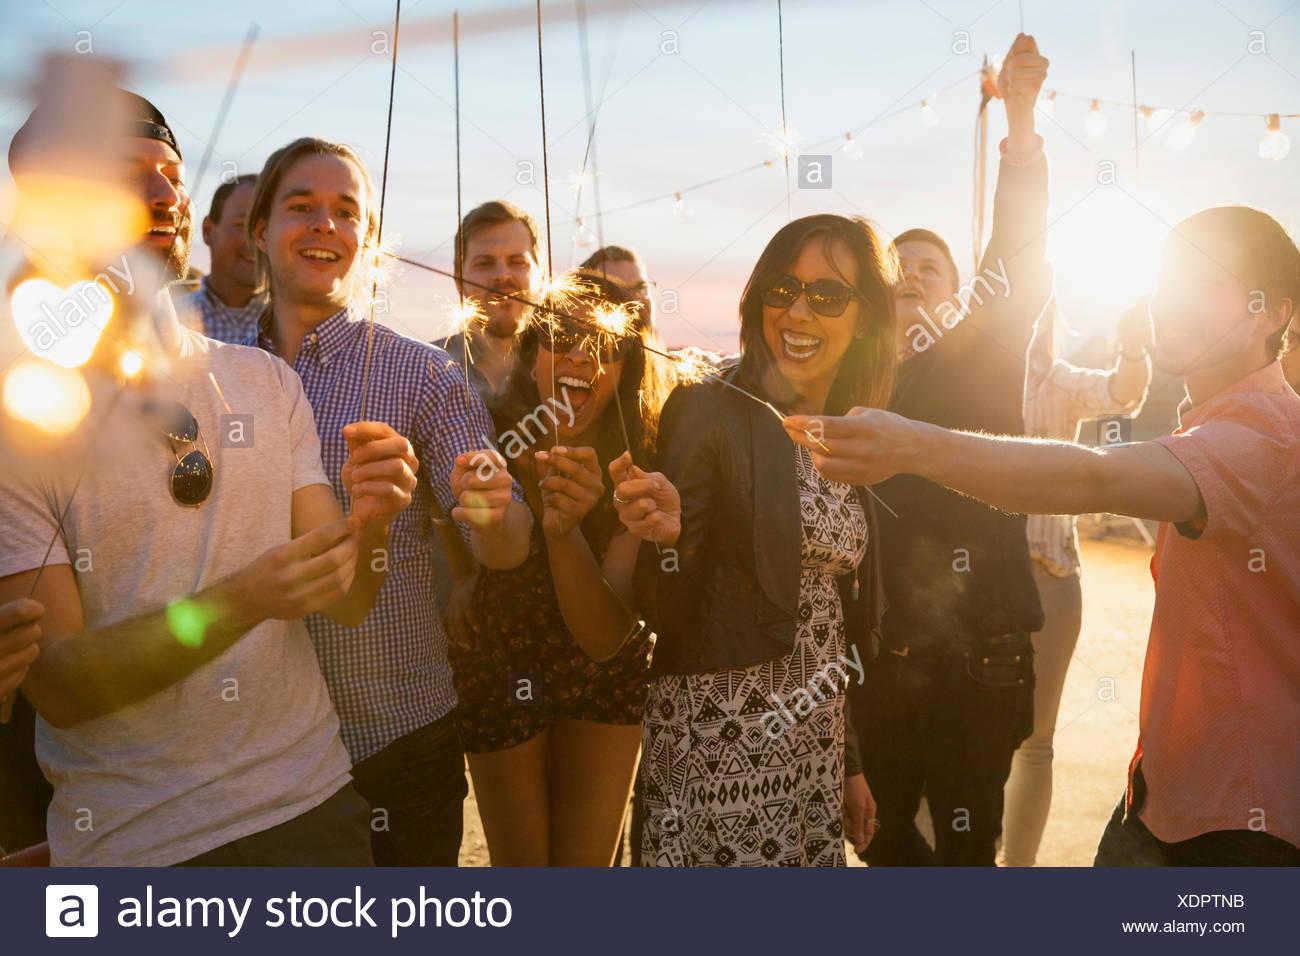 Amigos con estrellitas disfrutando parte Imagen De Stock